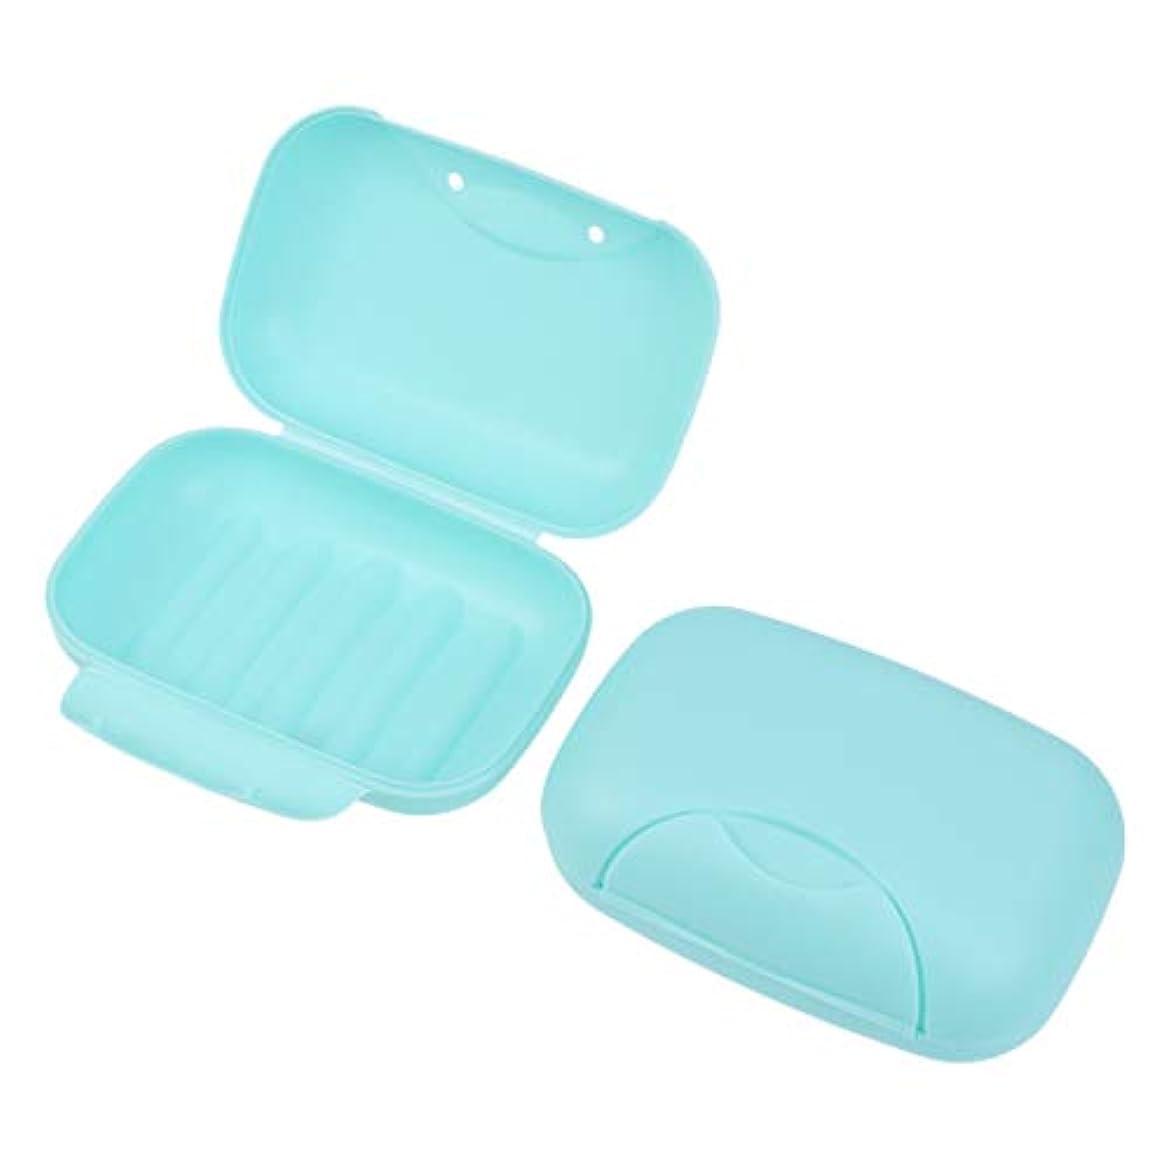 可能性土死んでいるHealifty 旅行用ソープボックス防水石鹸皿ソープホルダー2個(青)